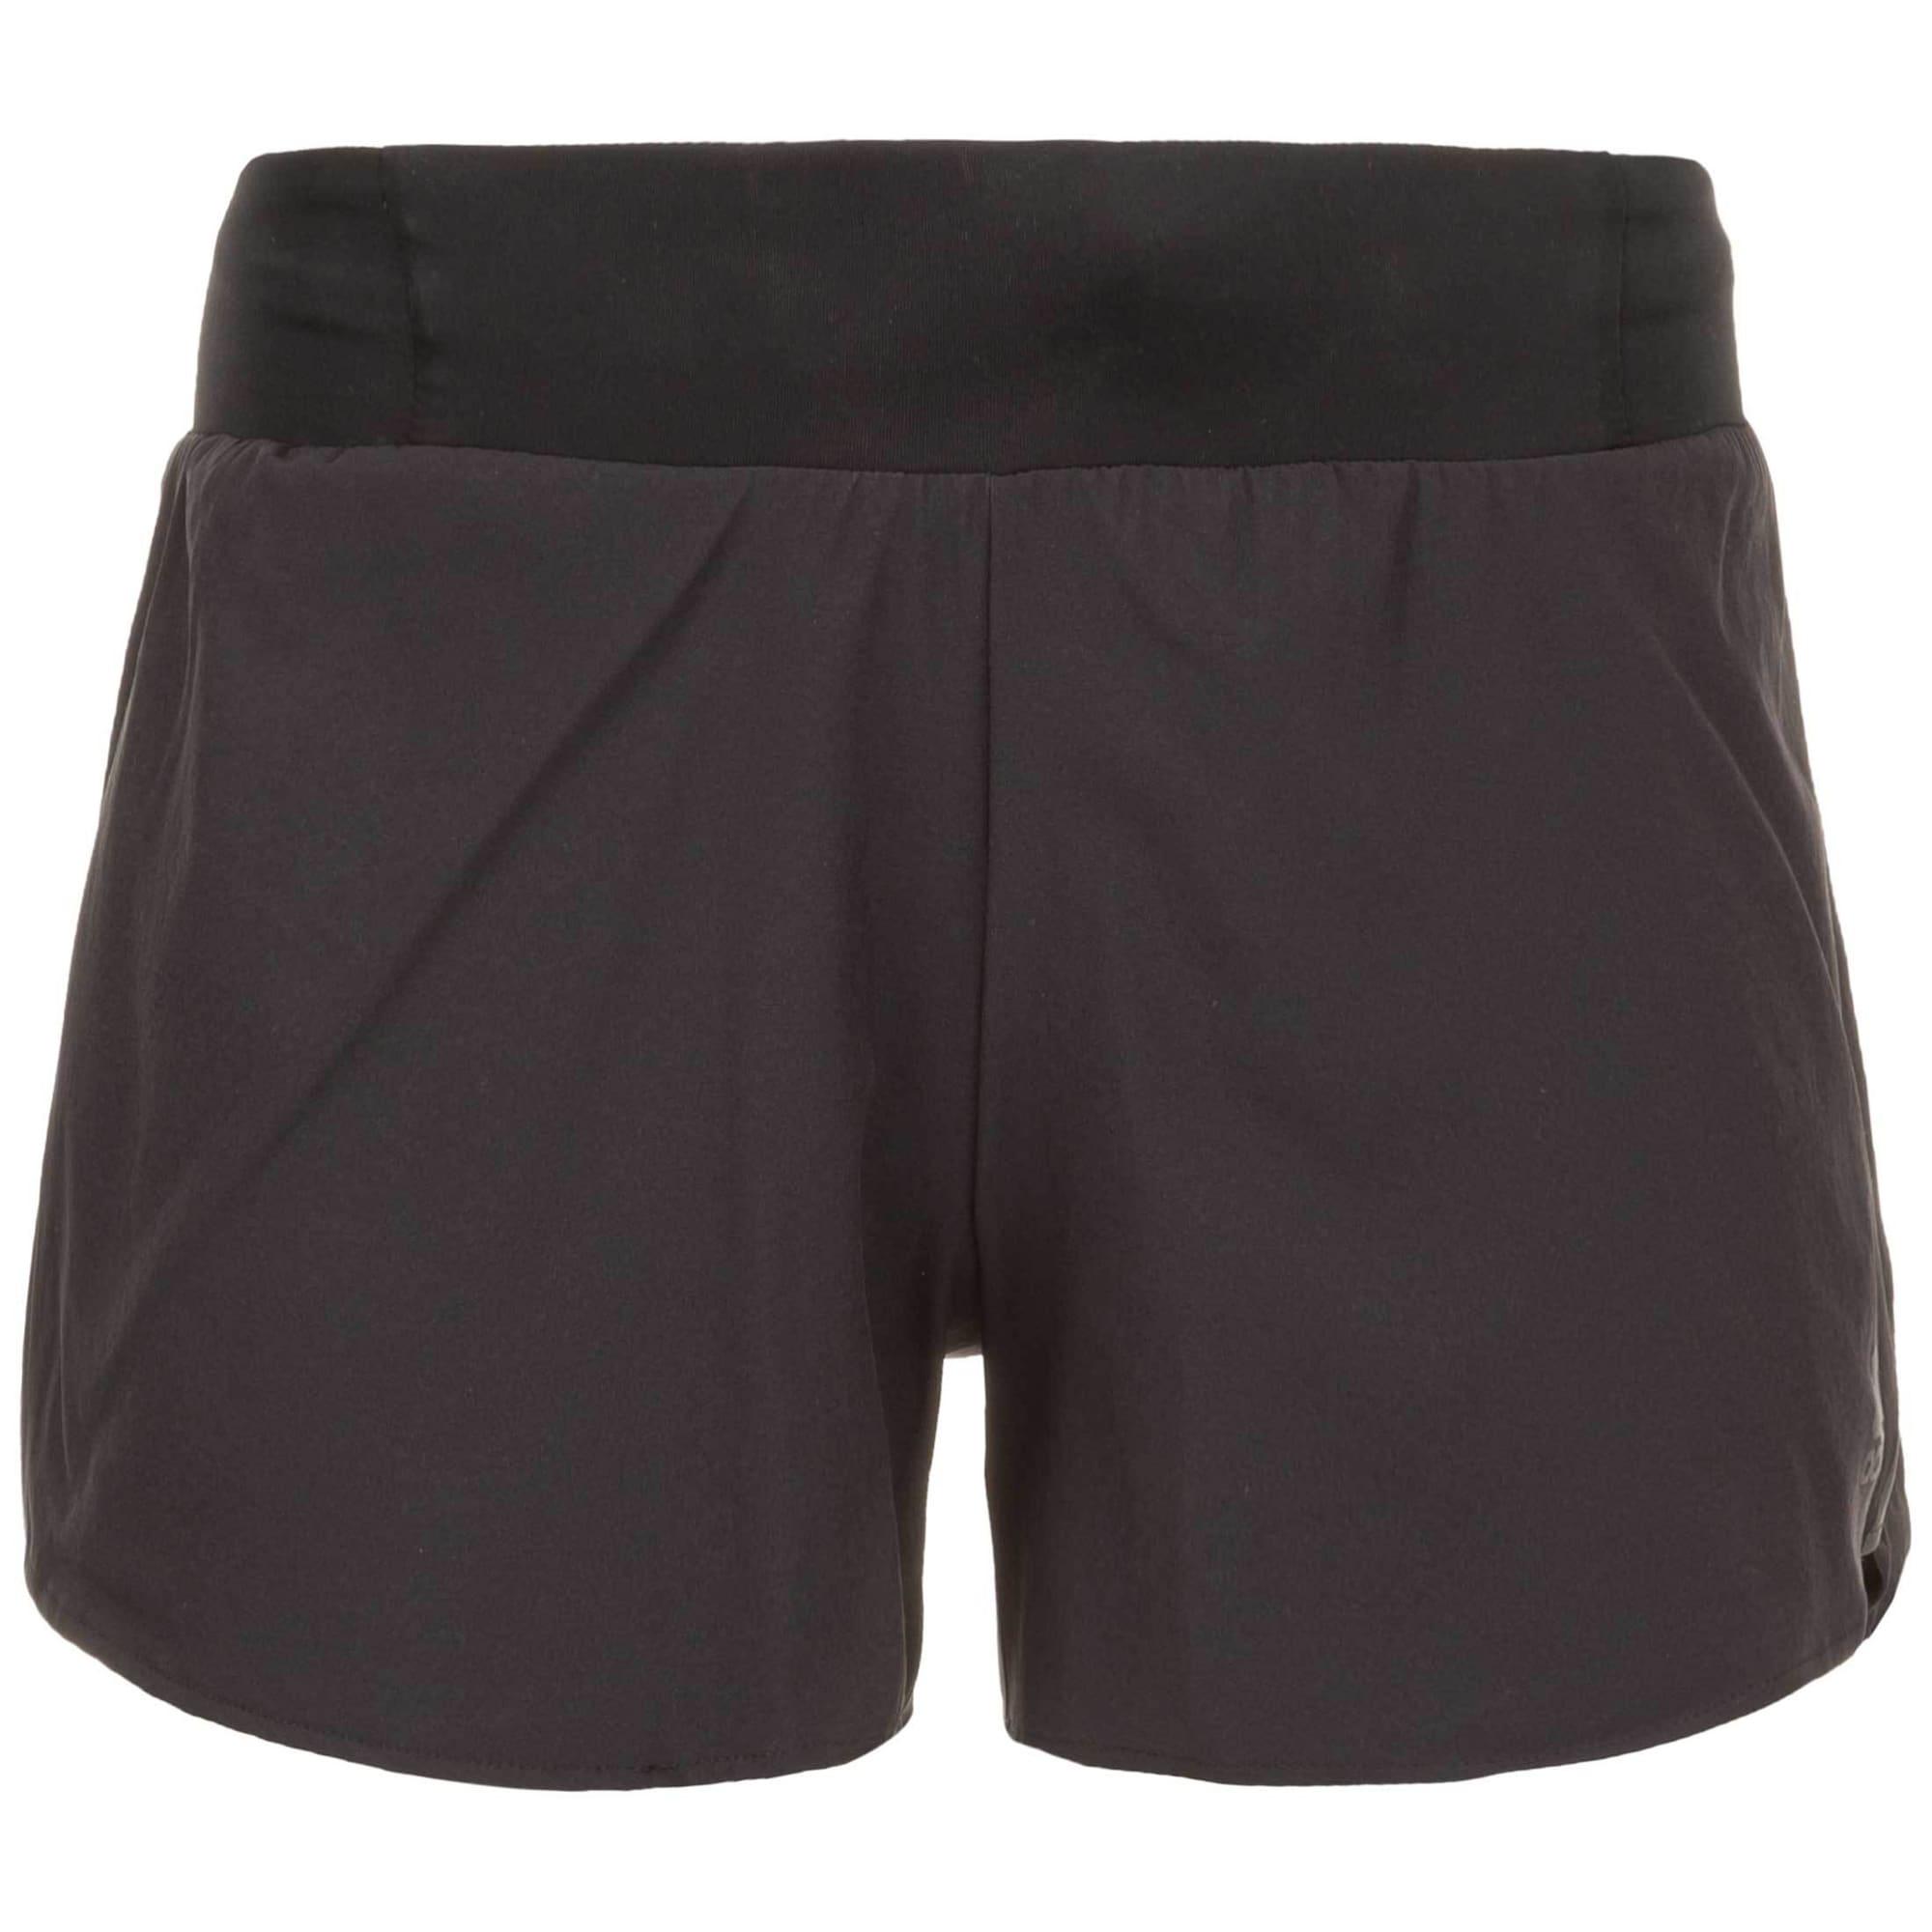 ADIDAS PERFORMANCE Sportinės kelnės 'Saturday' juoda